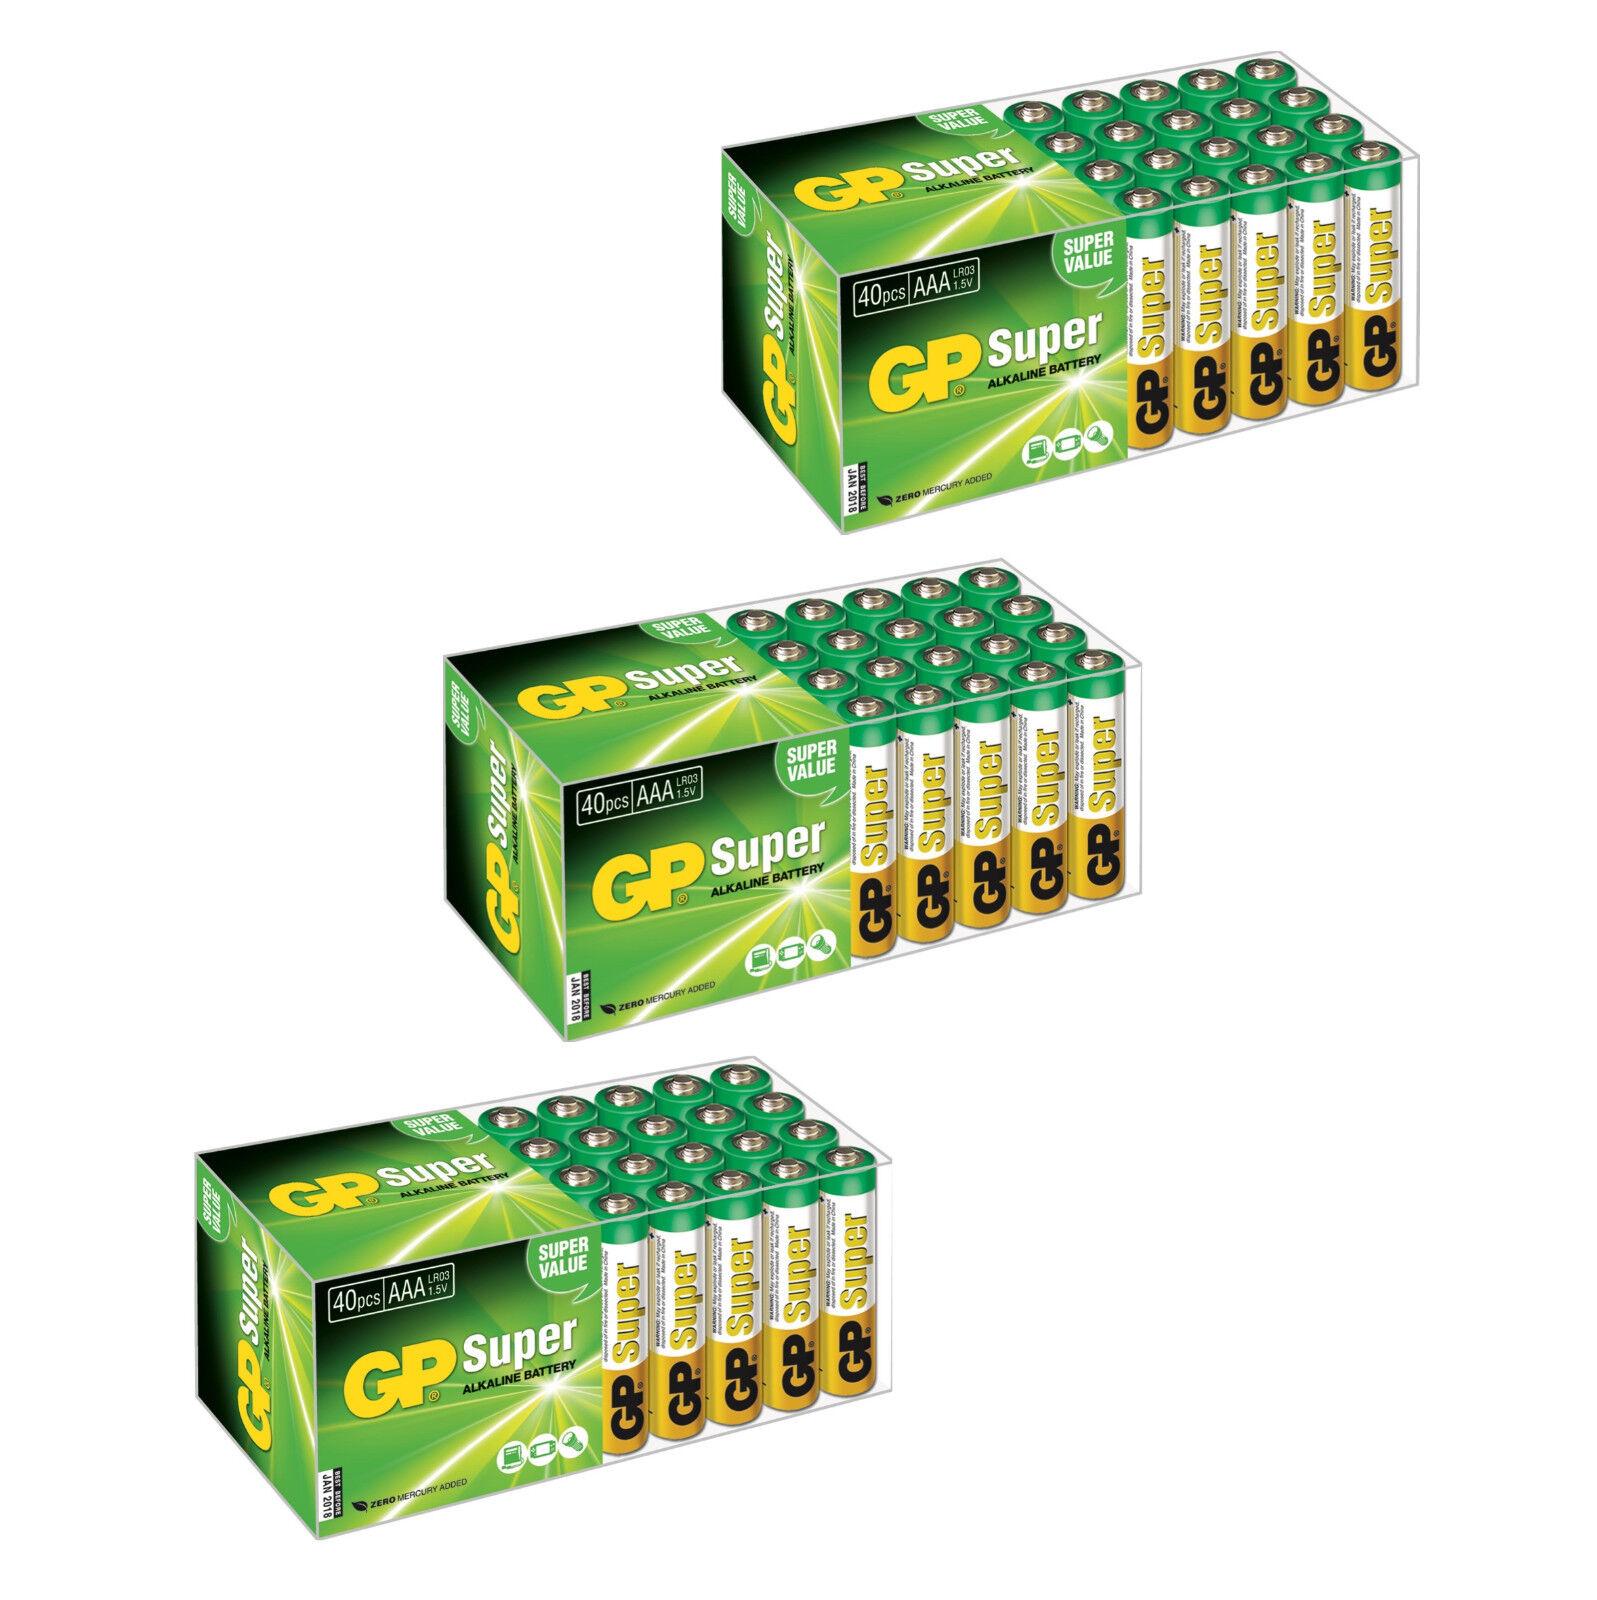 GP Super AAA Micro Batterie Alkaline Qualität Auswahl  | Sehr gute Farbe